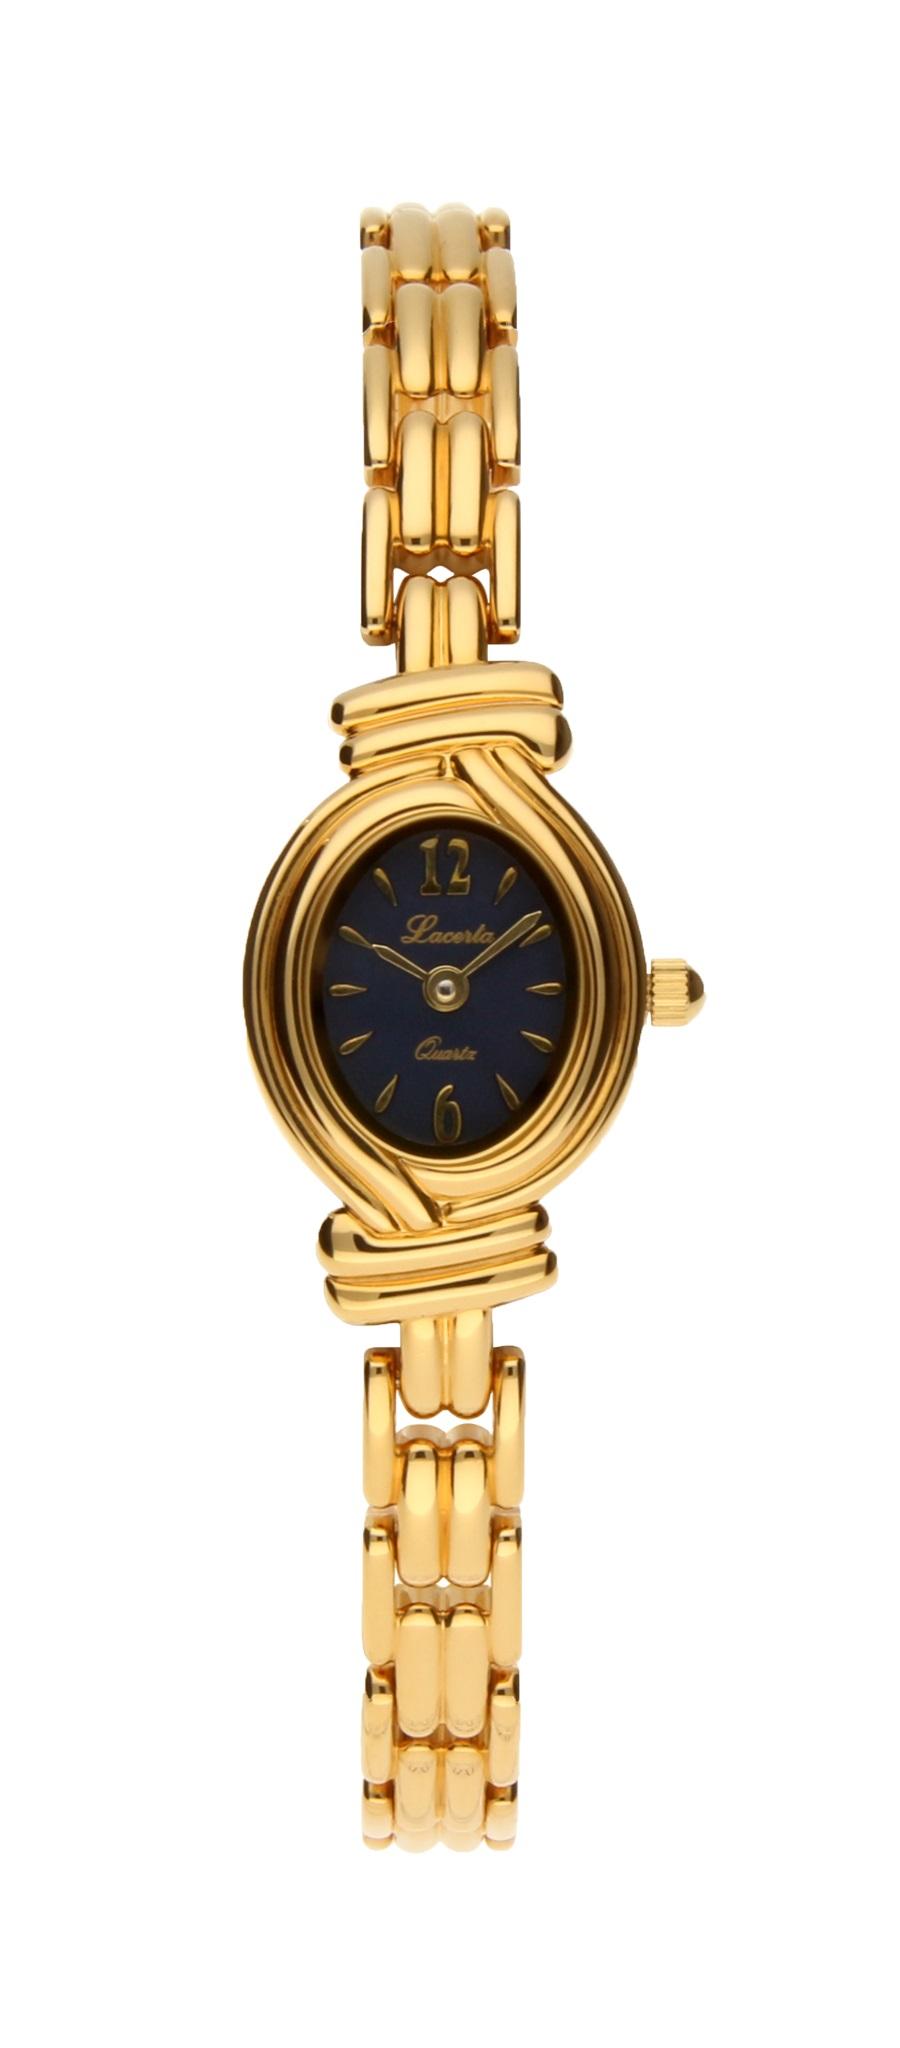 Dámské luxusní švýcarské ocelové hodinky Lacerta 751 273 50 (POŠTOVNÉ ZDARMA!!)